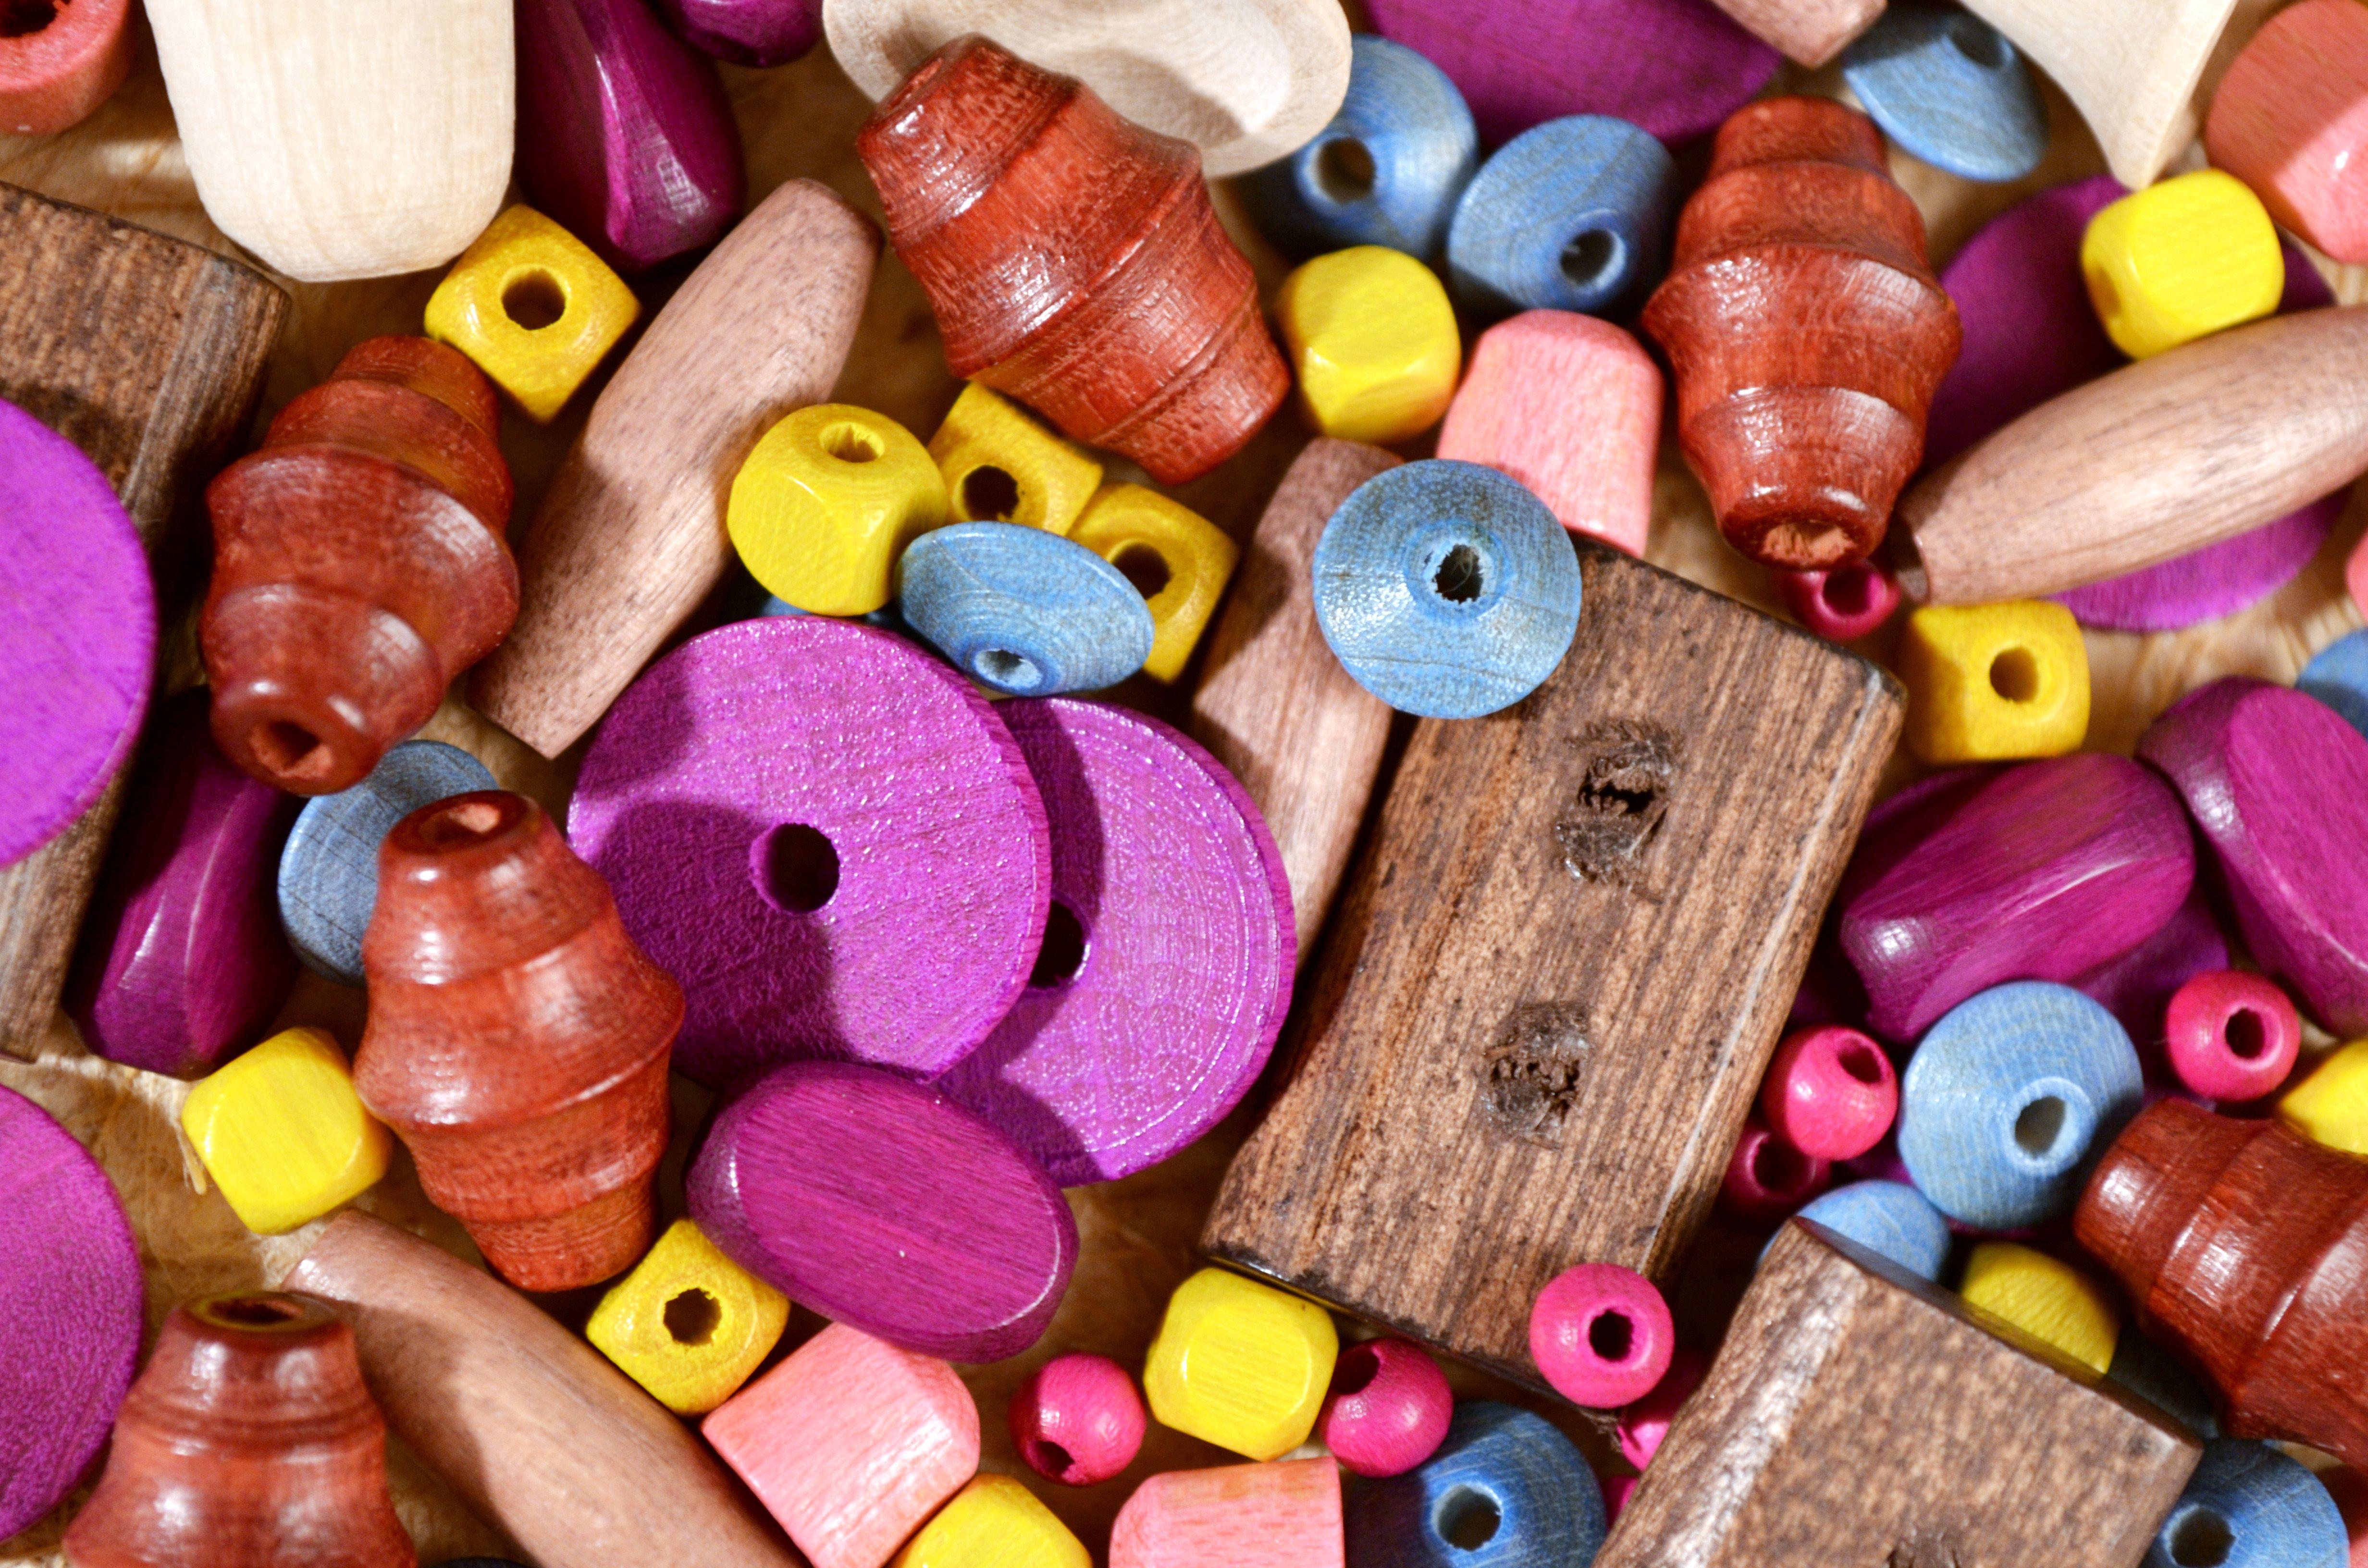 http://www.beadshop.com.br/?utm_source=pinterest&utm_medium=pint&partner=pin13 Confira a variedade de produtos em Madeira!